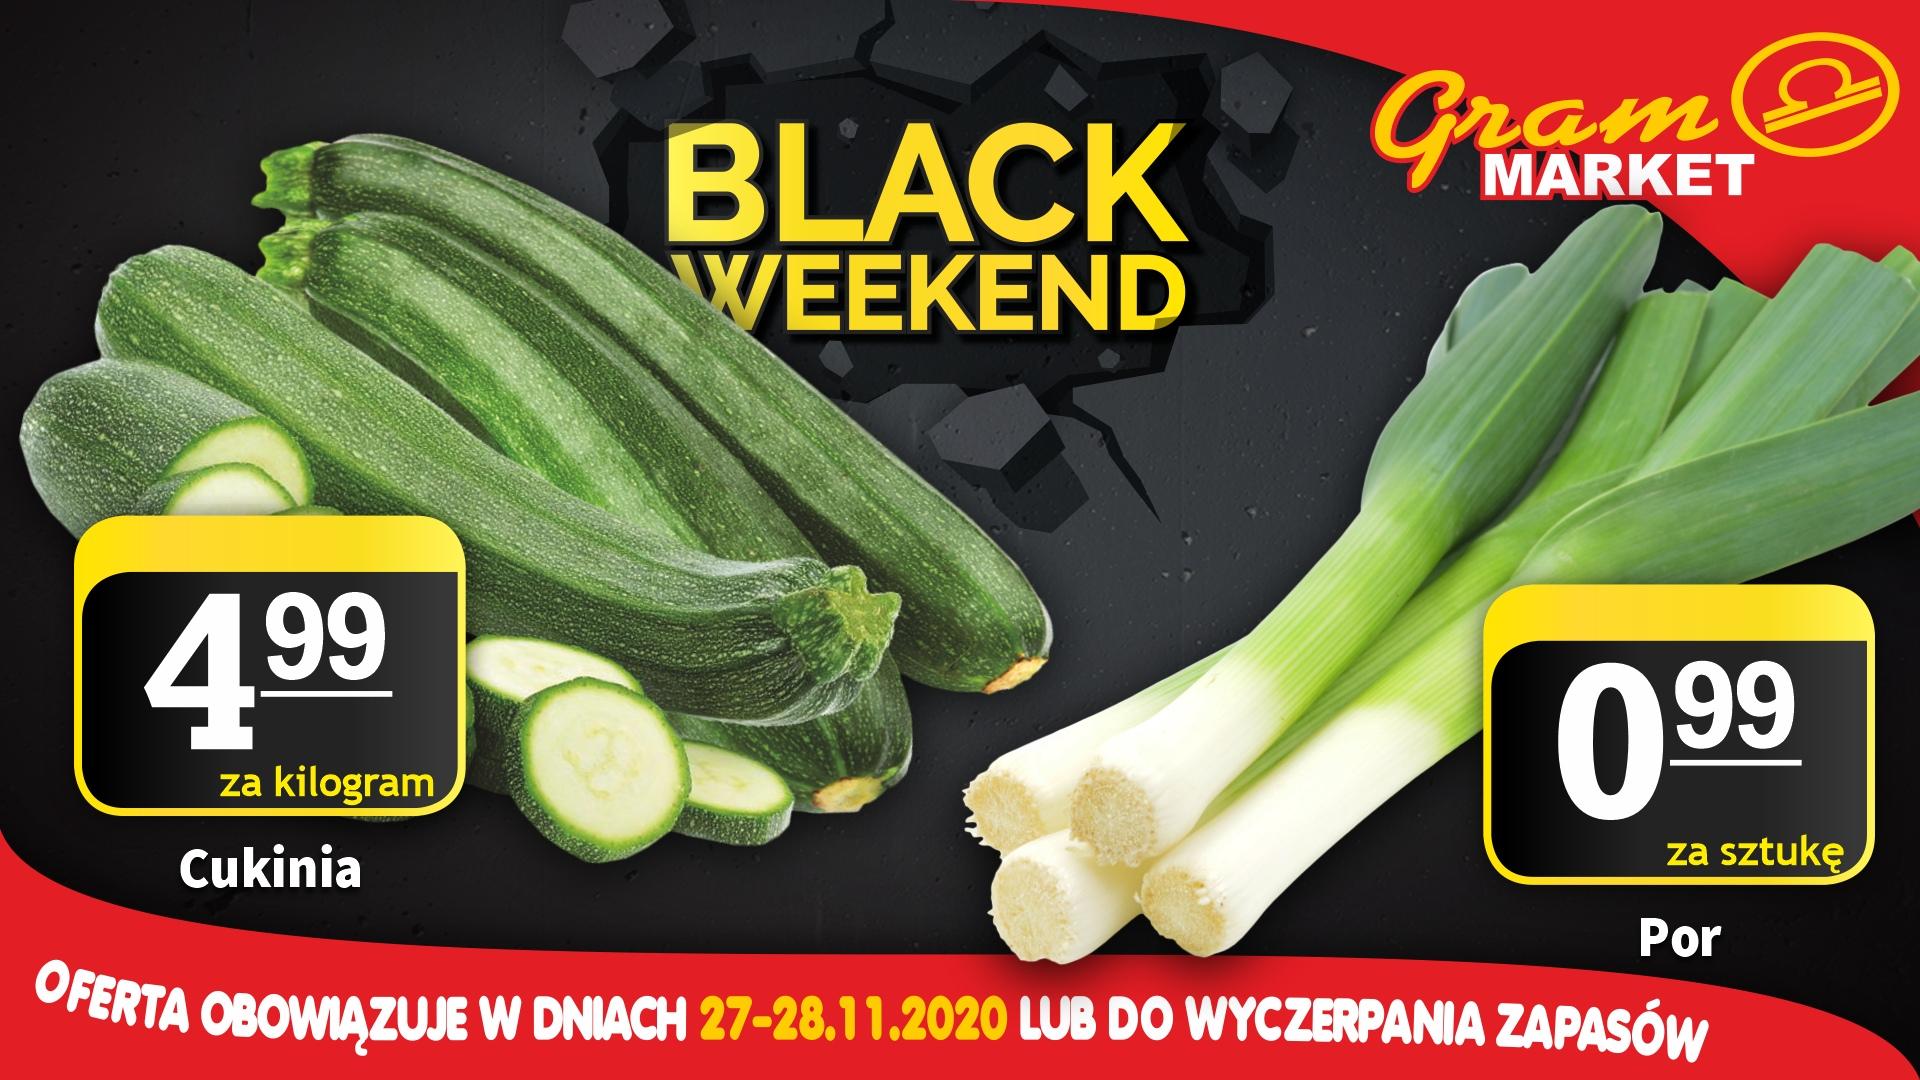 BLACK_WEEKEND-27-28.11.2020-4